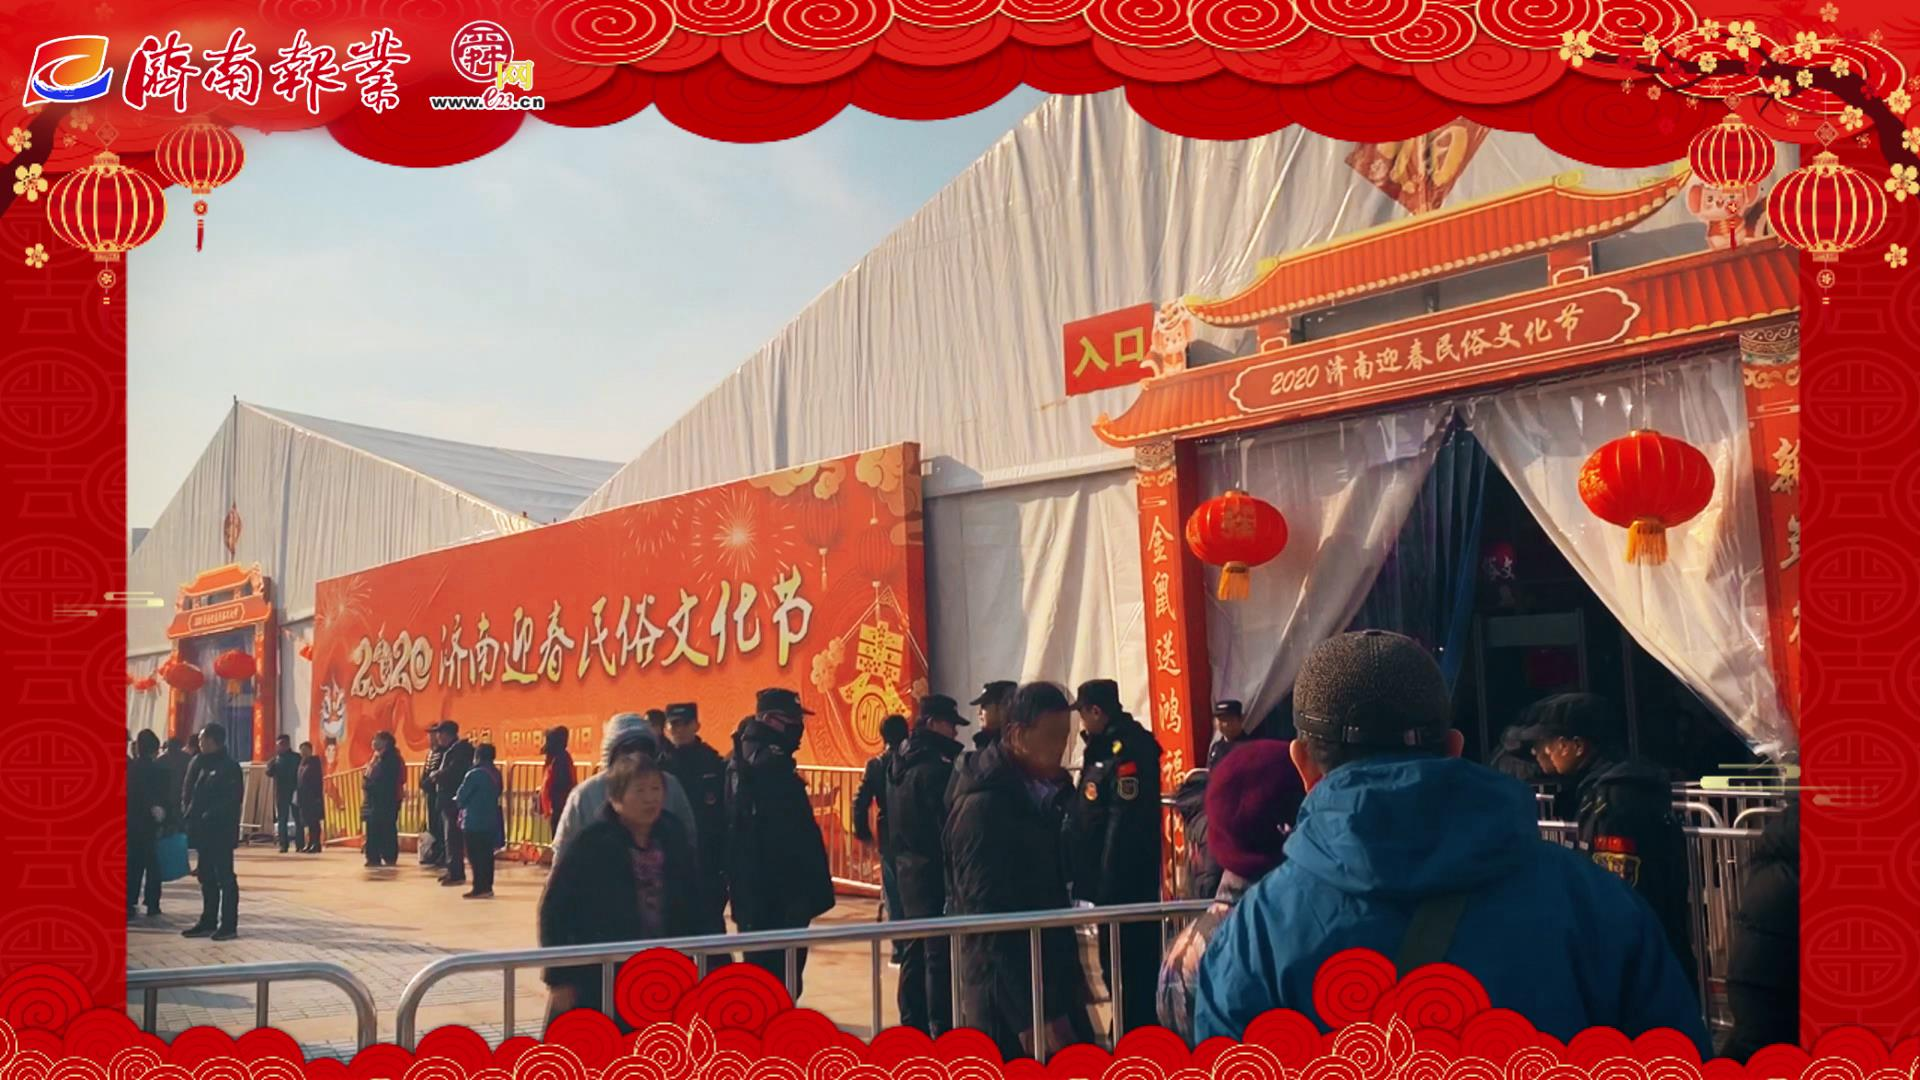 2020济南迎春民俗文化节火爆进行中